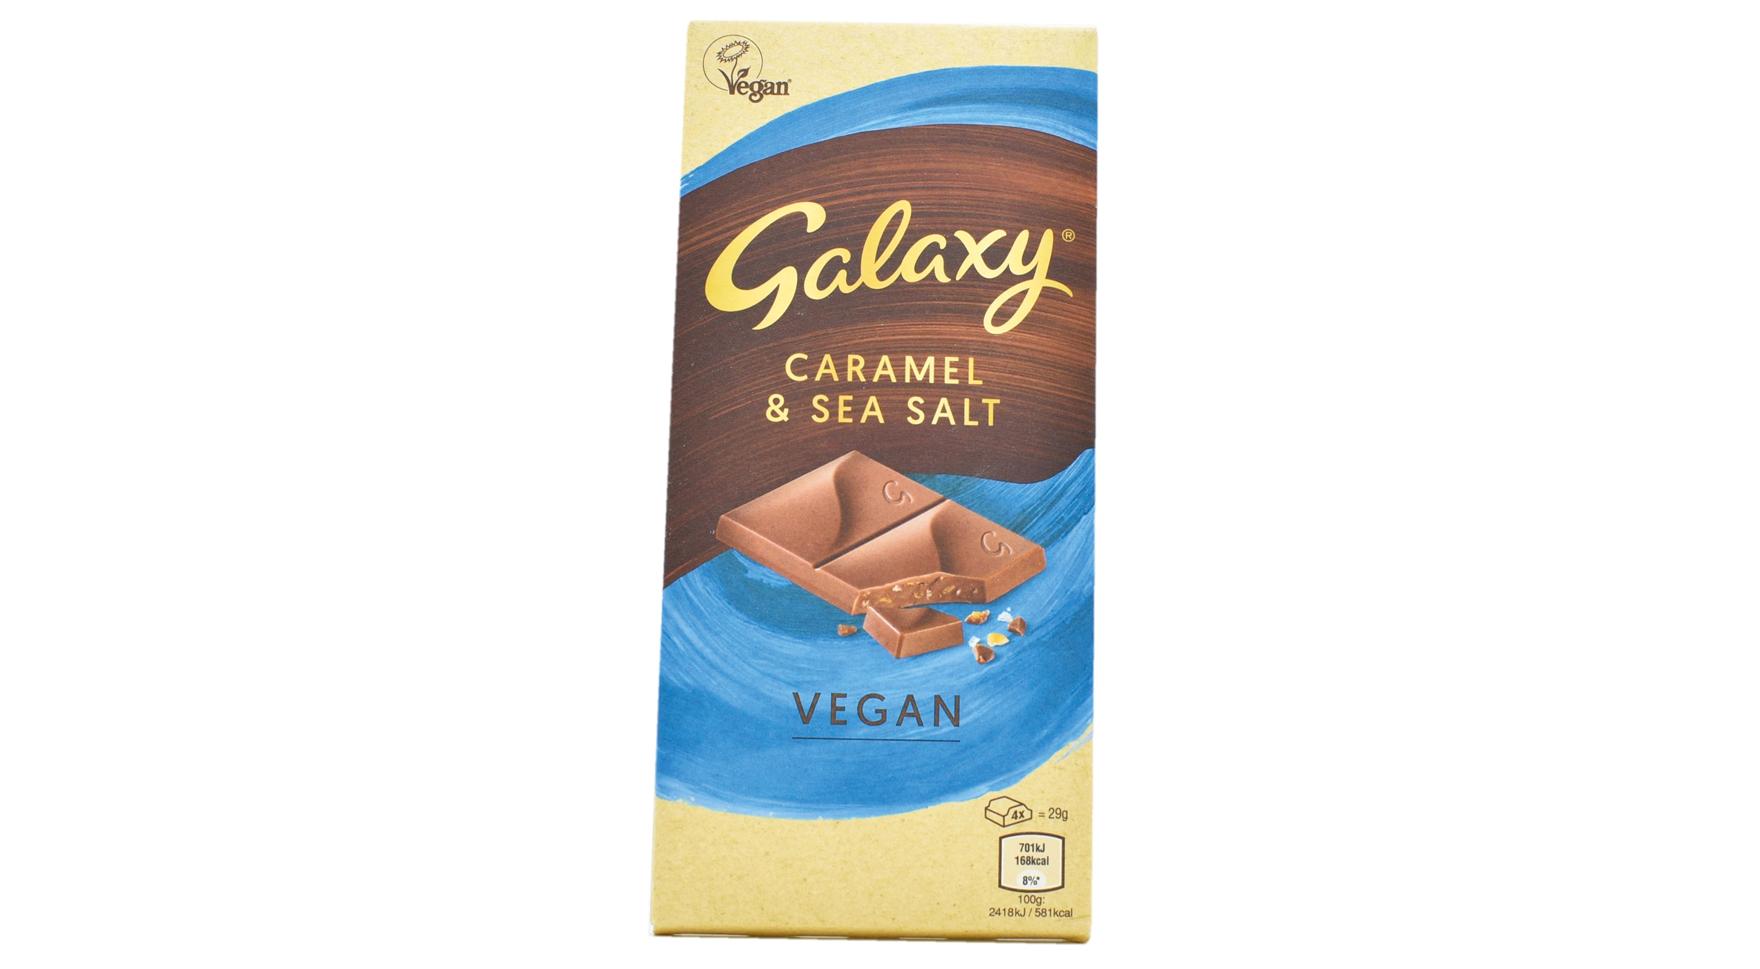 Tableta de chocolate vegano con caramelo y sal marina Galaxy (8)